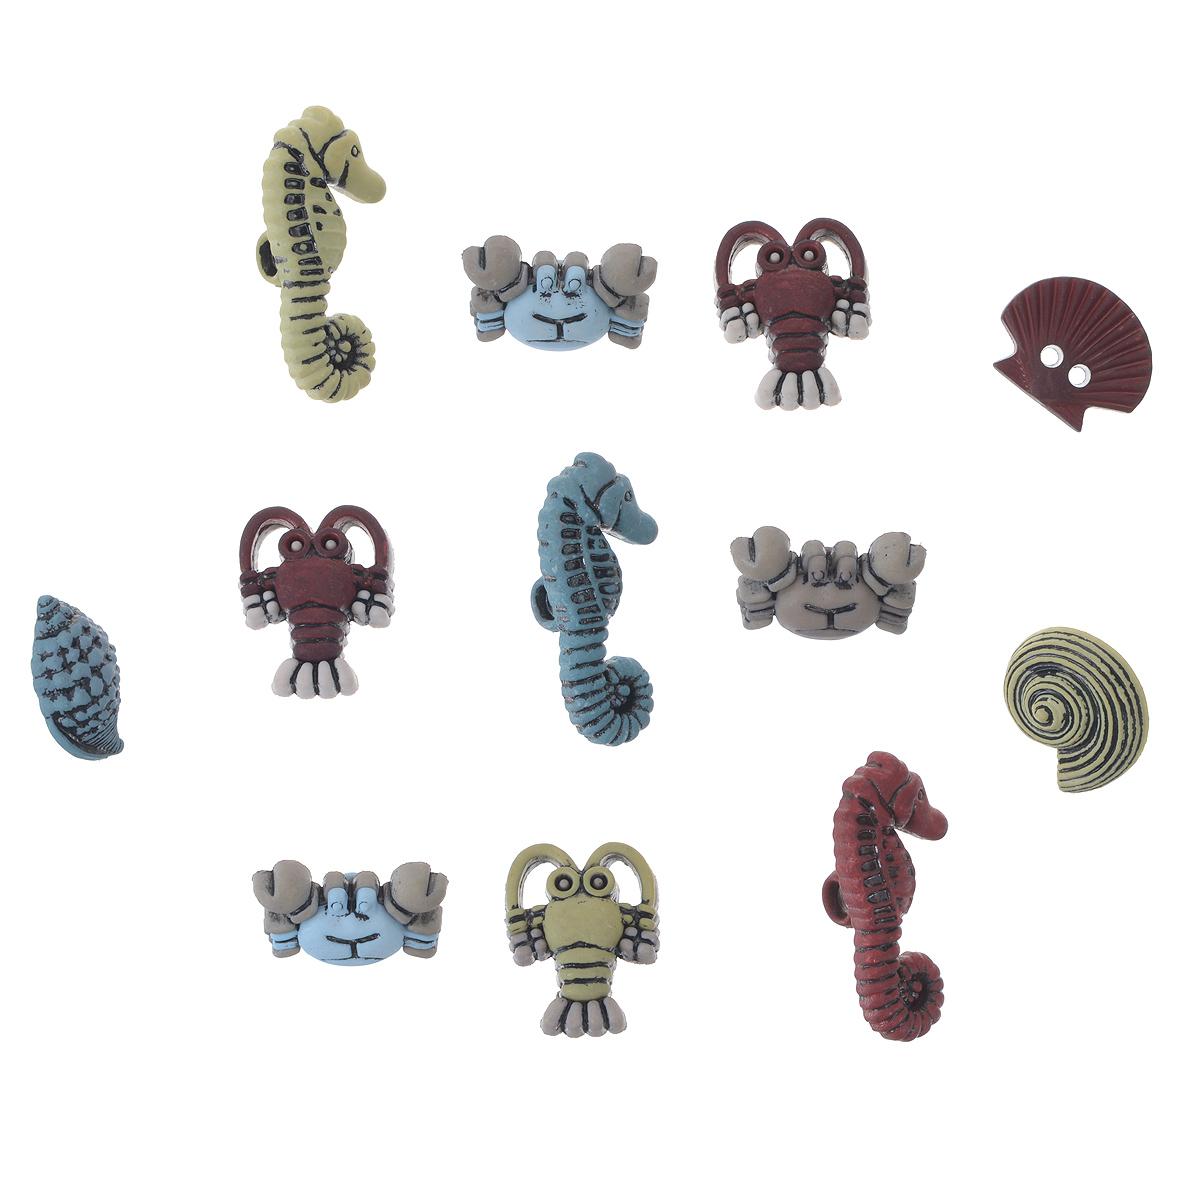 Пуговицы декоративные Buttons Galore & More Craft Buttons, 14 шт7705887Набор Buttons Galore & More Craft Buttons состоит из 14 декоративных пуговиц. Изделия выполнены из пластика в форме раков, крабов, морских коньков, ракушек. Предметы набора подходят для любых видов творчества: скрапбукинга, декорирования, шитья, изготовления кукол, а также для оформления одежды. С их помощью вы сможете украсить открытку, фотографию, альбом, подарок и другие предметы ручной работы. Изделия имеют оригинальный и яркий дизайн. Средний размер пуговицы: 2,2 см х 2,2 см х 0,5 см.